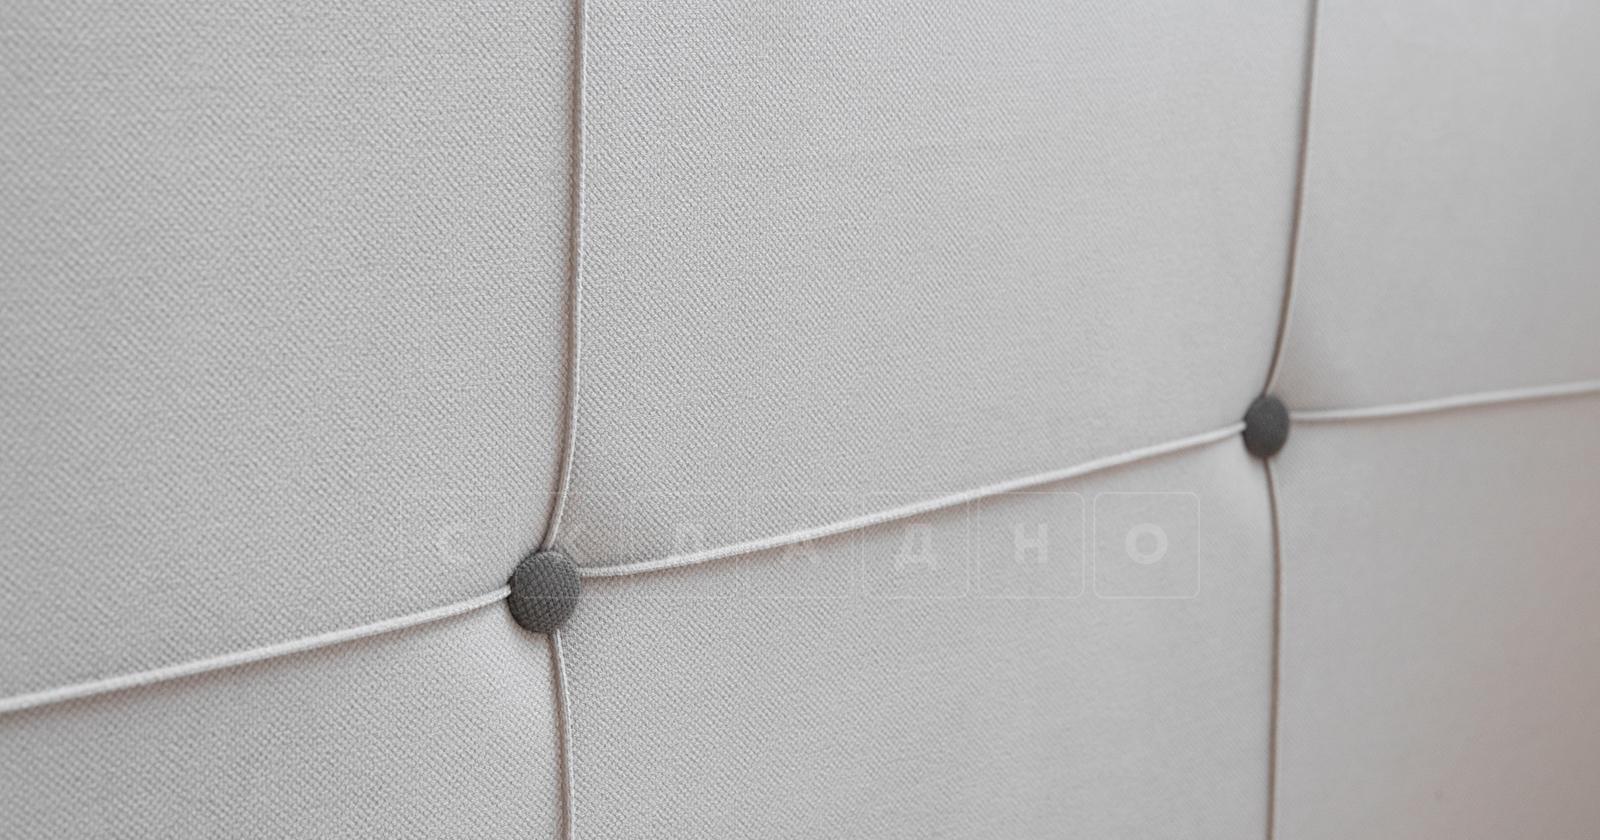 Диван-кровать угловой Флэтфорд серо-бежевый фото 12 | интернет-магазин Складно